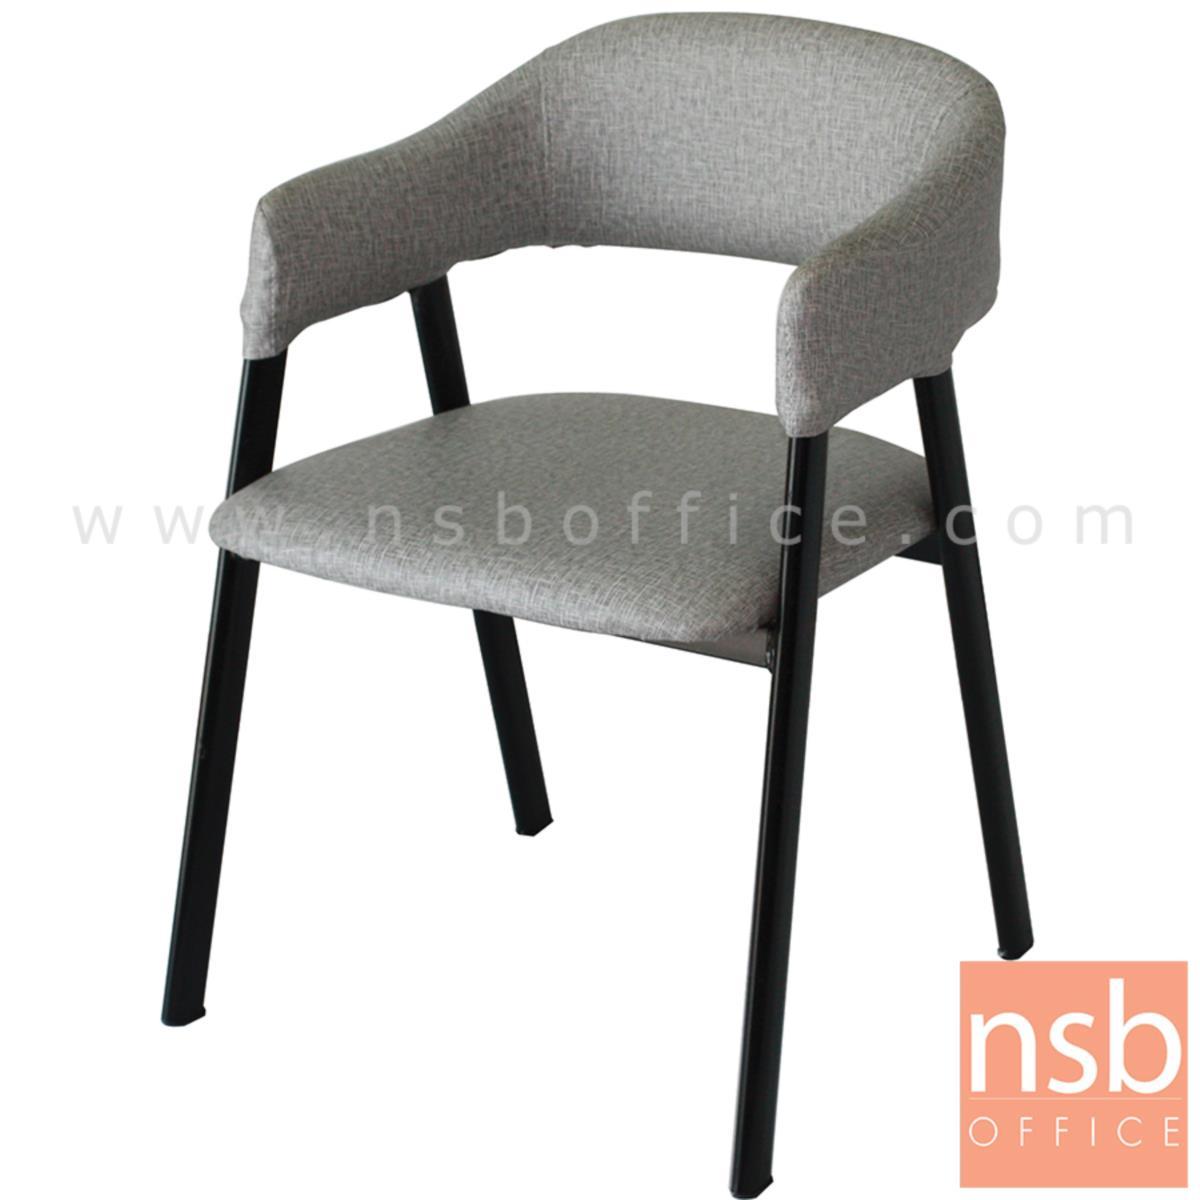 B29A295:เก้าอี้โมเดิร์นหนังเทียม รุ่น Gable (เกเบิล) ขนาด 50W cm. โครงขาไม้